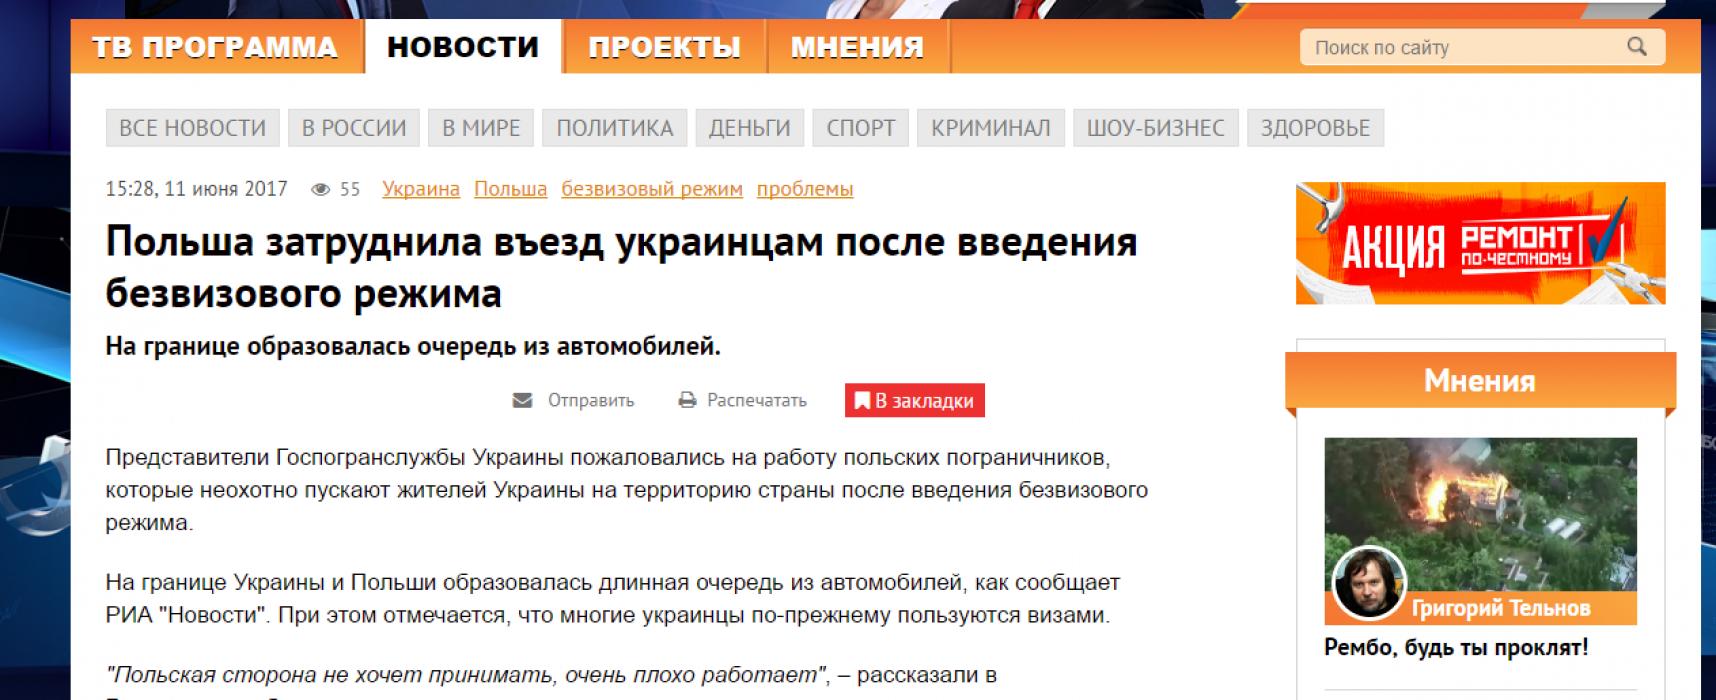 Falso: Polonia obstaculiza la entrada de los ucranianos a la UE